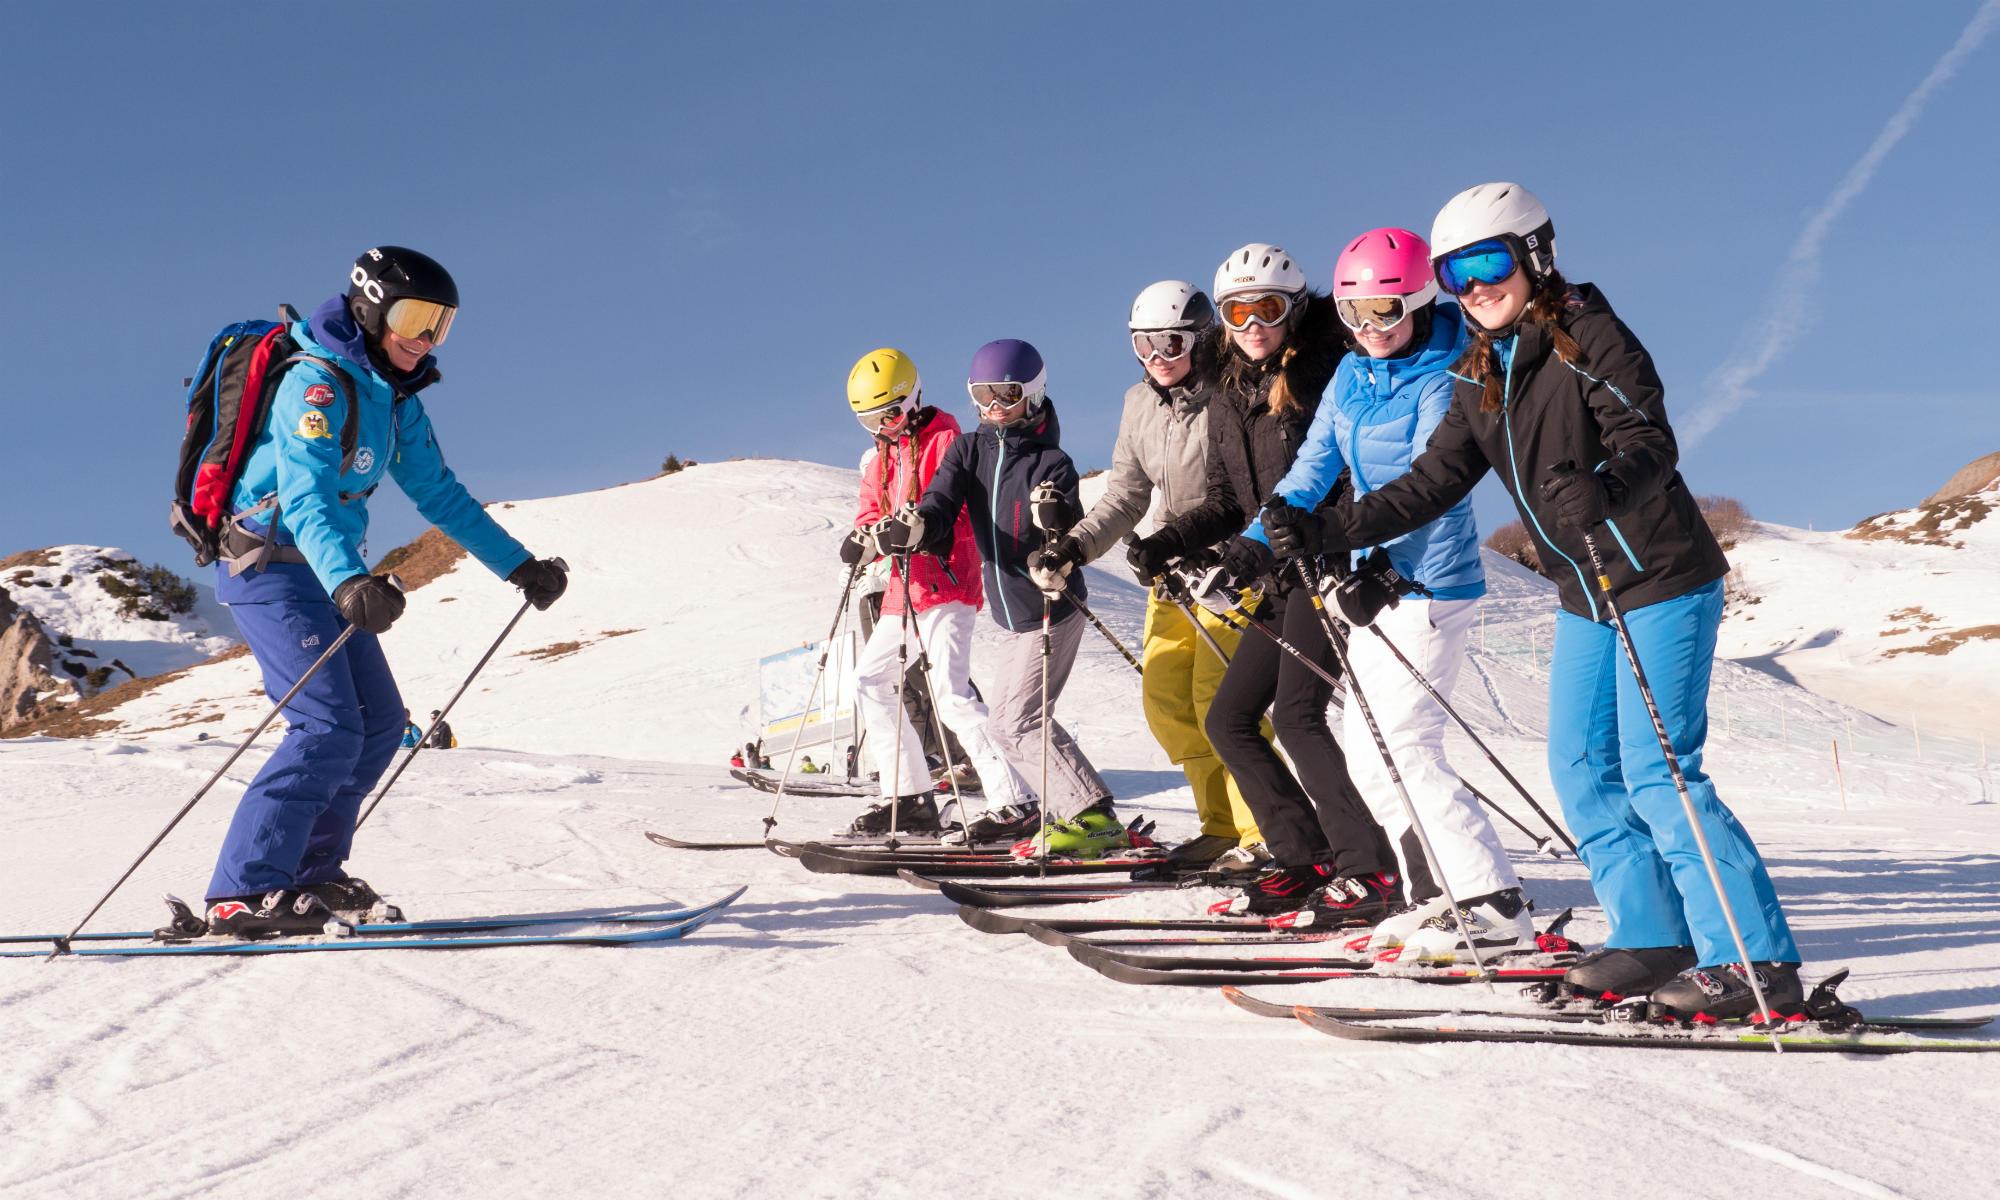 Een groep tieners op een zonnige piste tijdens het skiën.